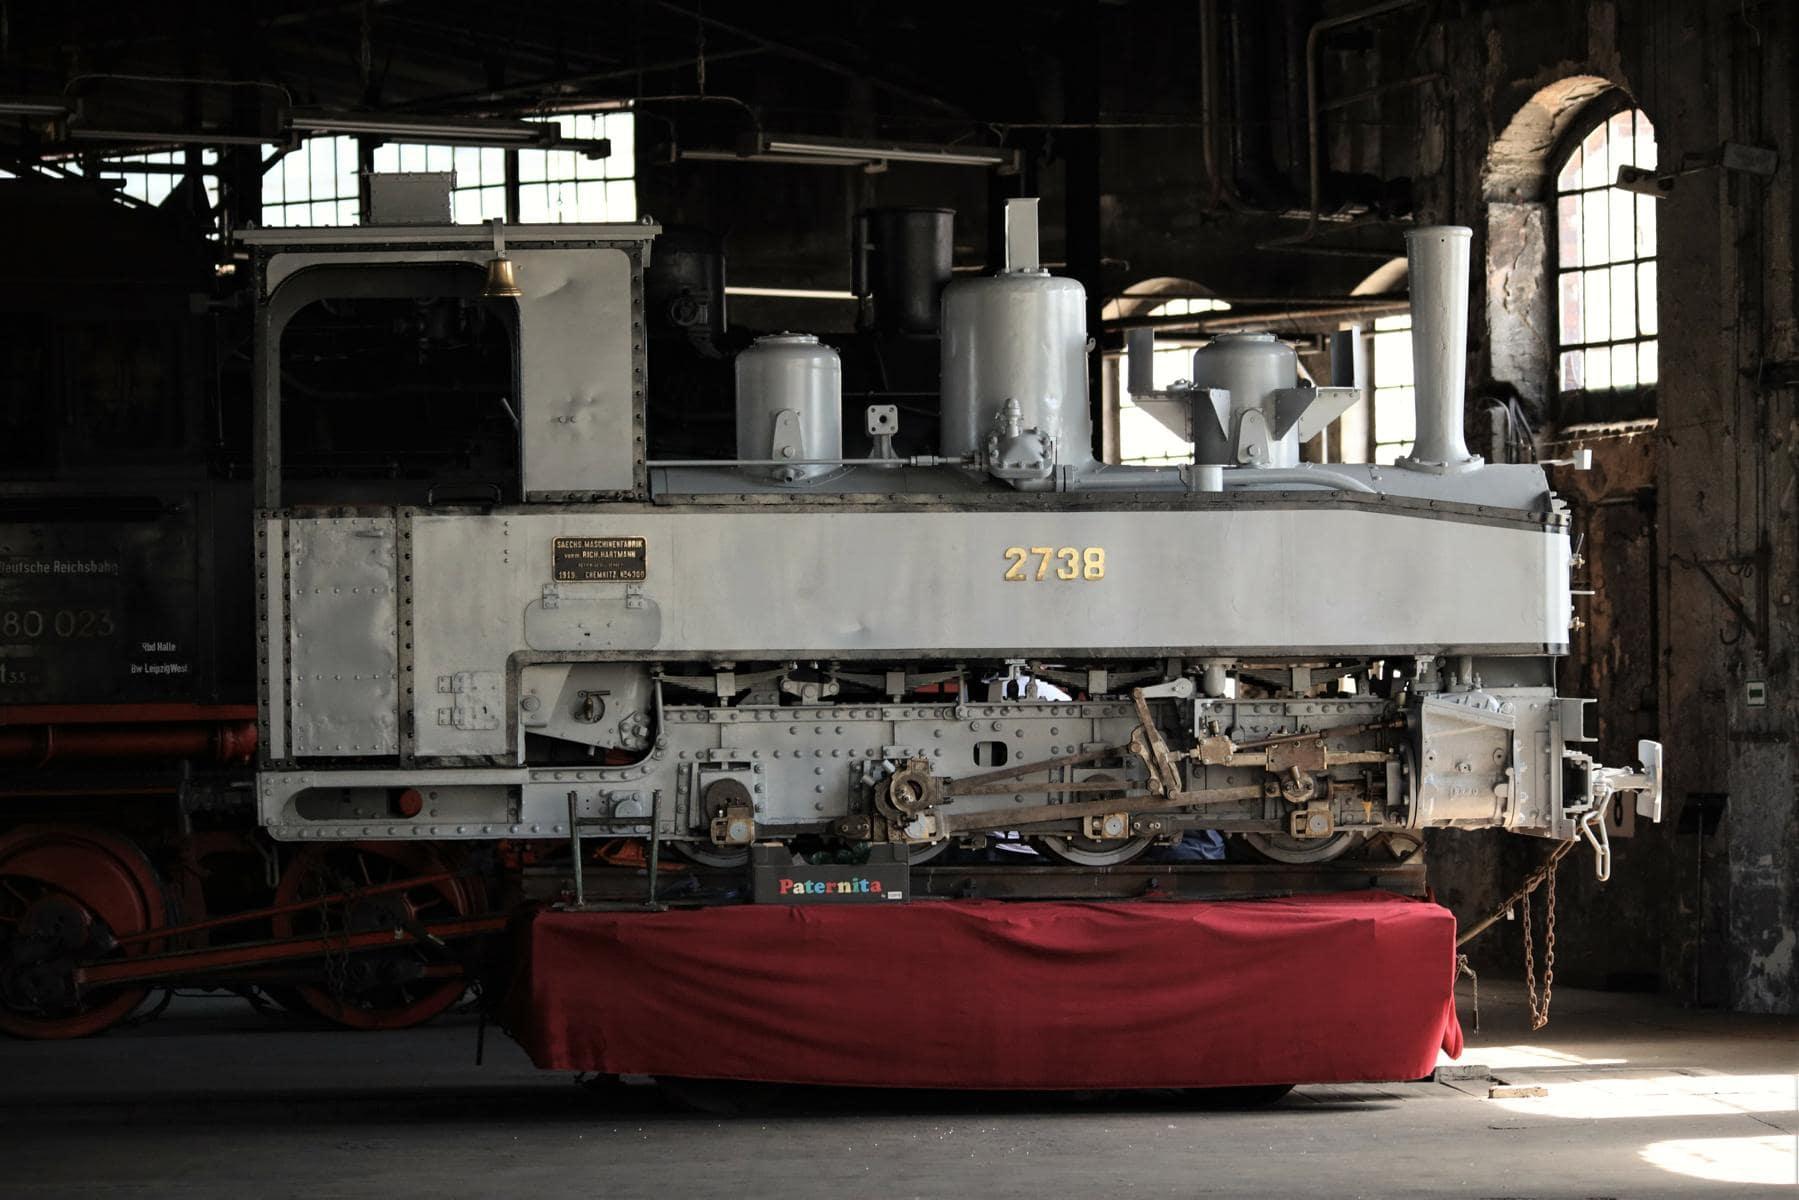 ©Foto: Christian Wodzinski | railmen | Brigadelok der Chemnitzer Lokfabrik Richard Hartmann von 1919, die nach Rückkehr aus Ostafrika museal aufgearbeitet wird.